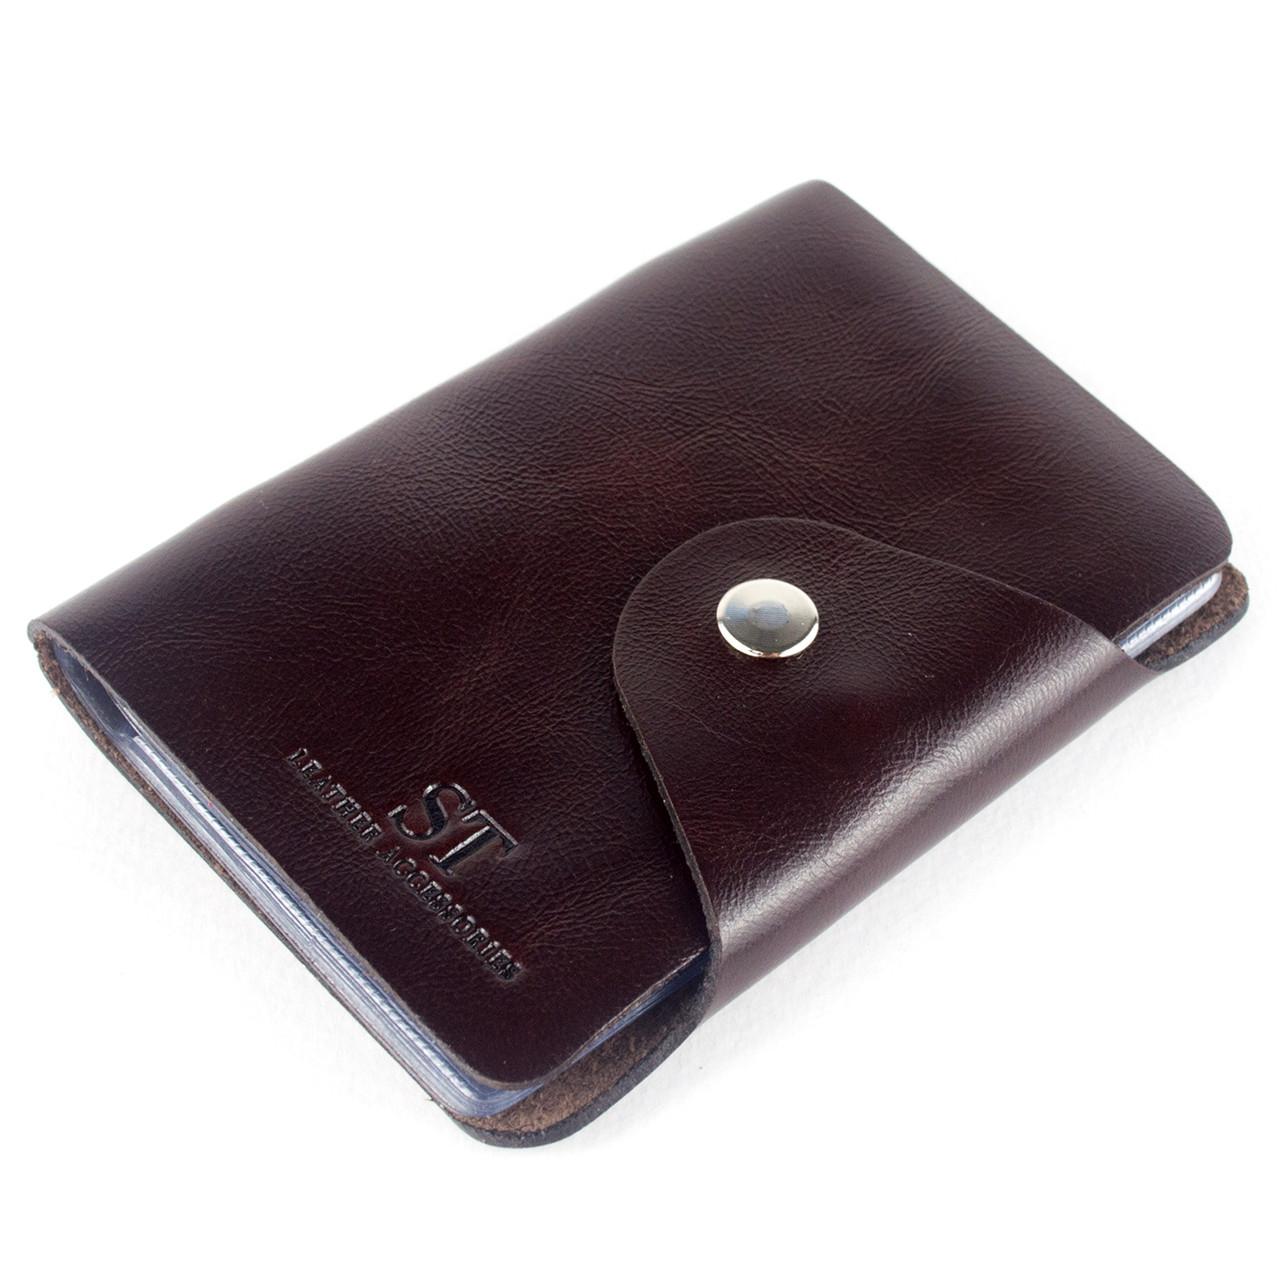 Картхолдер кожаный (визитница) ST-04 (коричневый)